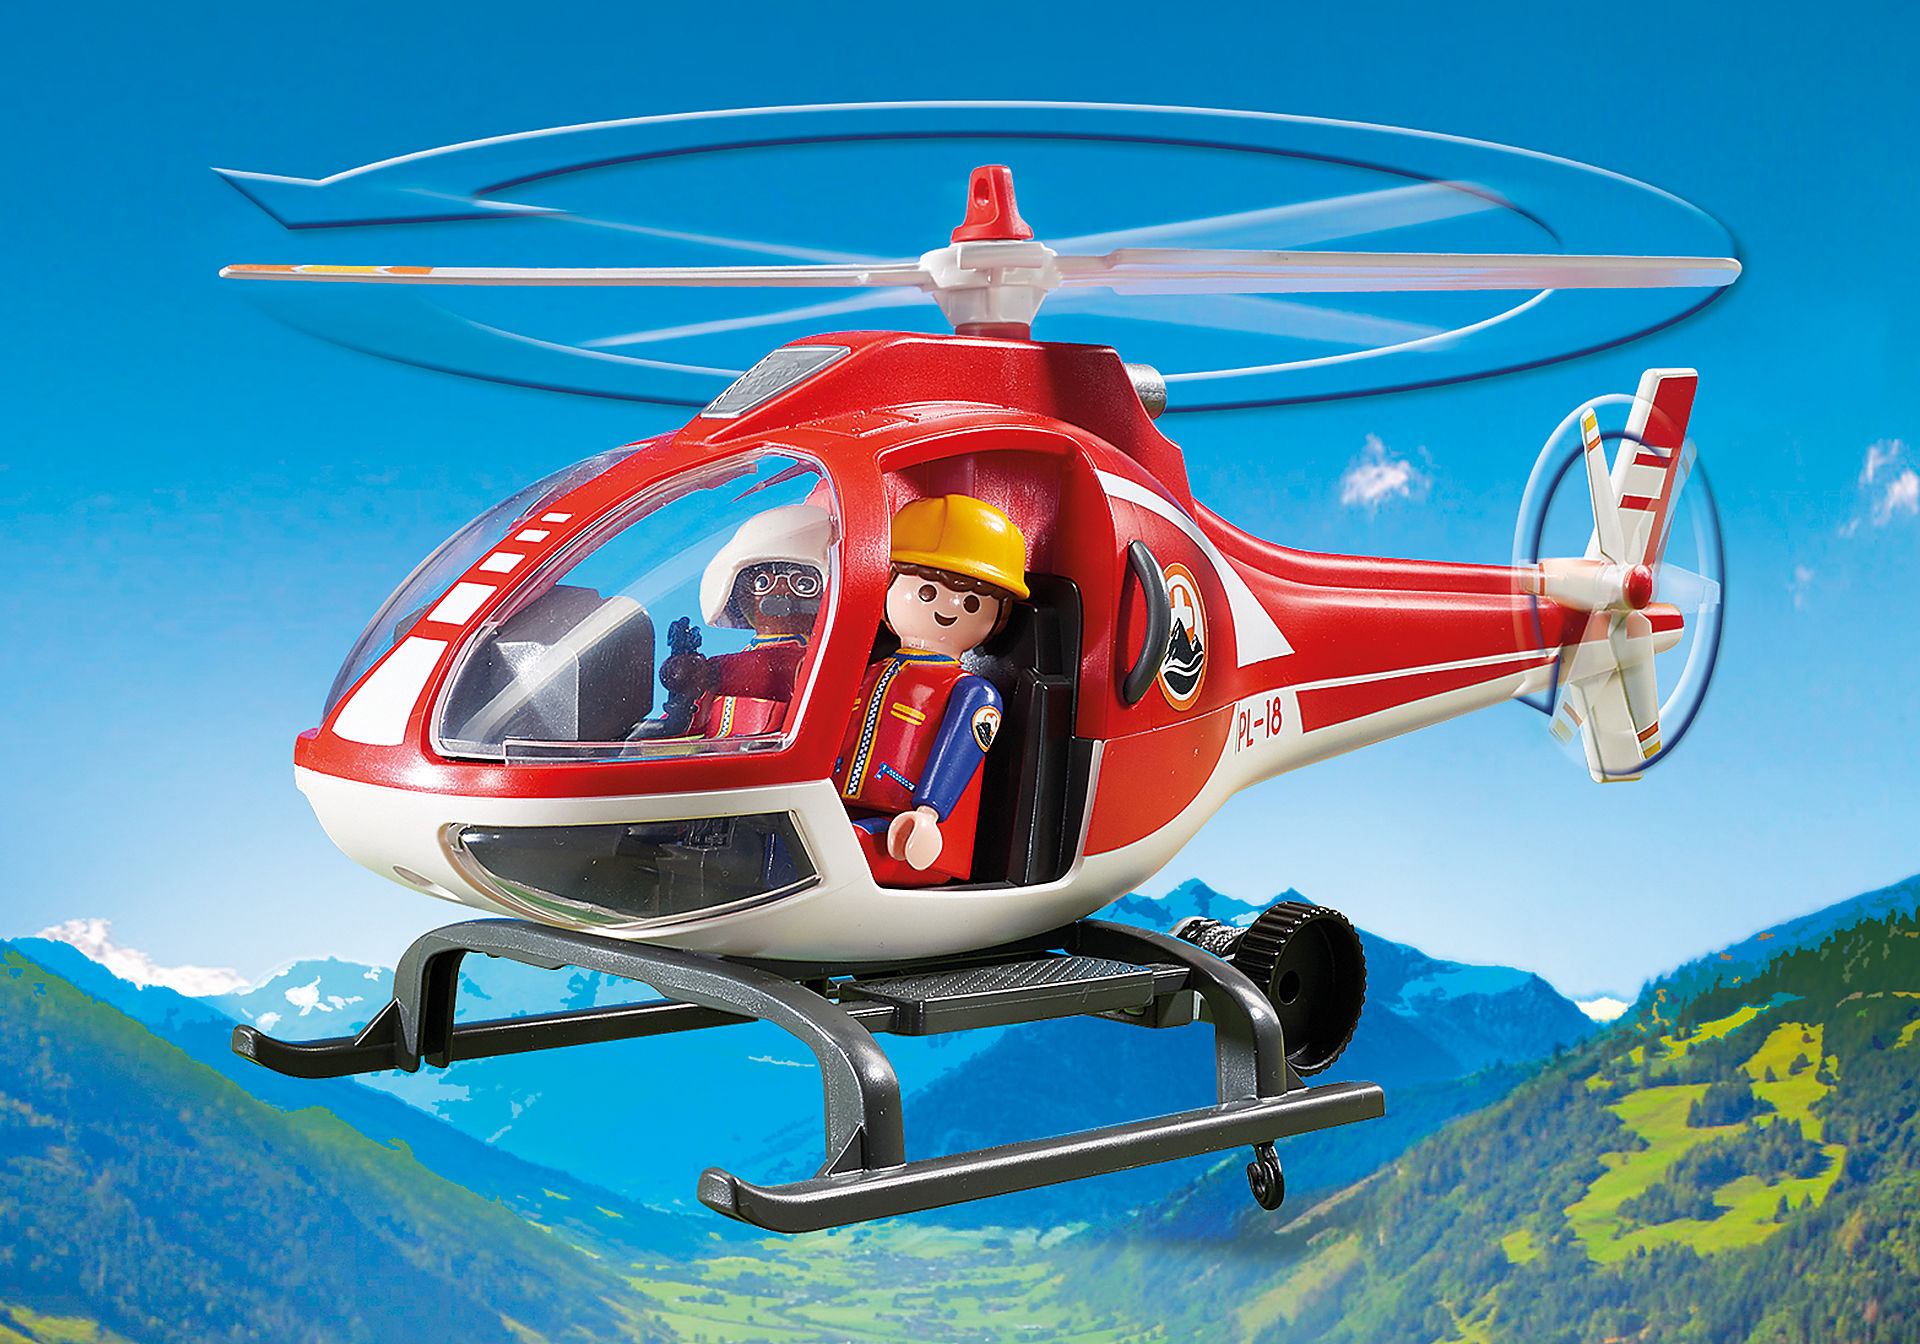 http://media.playmobil.com/i/playmobil/9127_product_extra2/Helicóptero de Rescate de Montaña